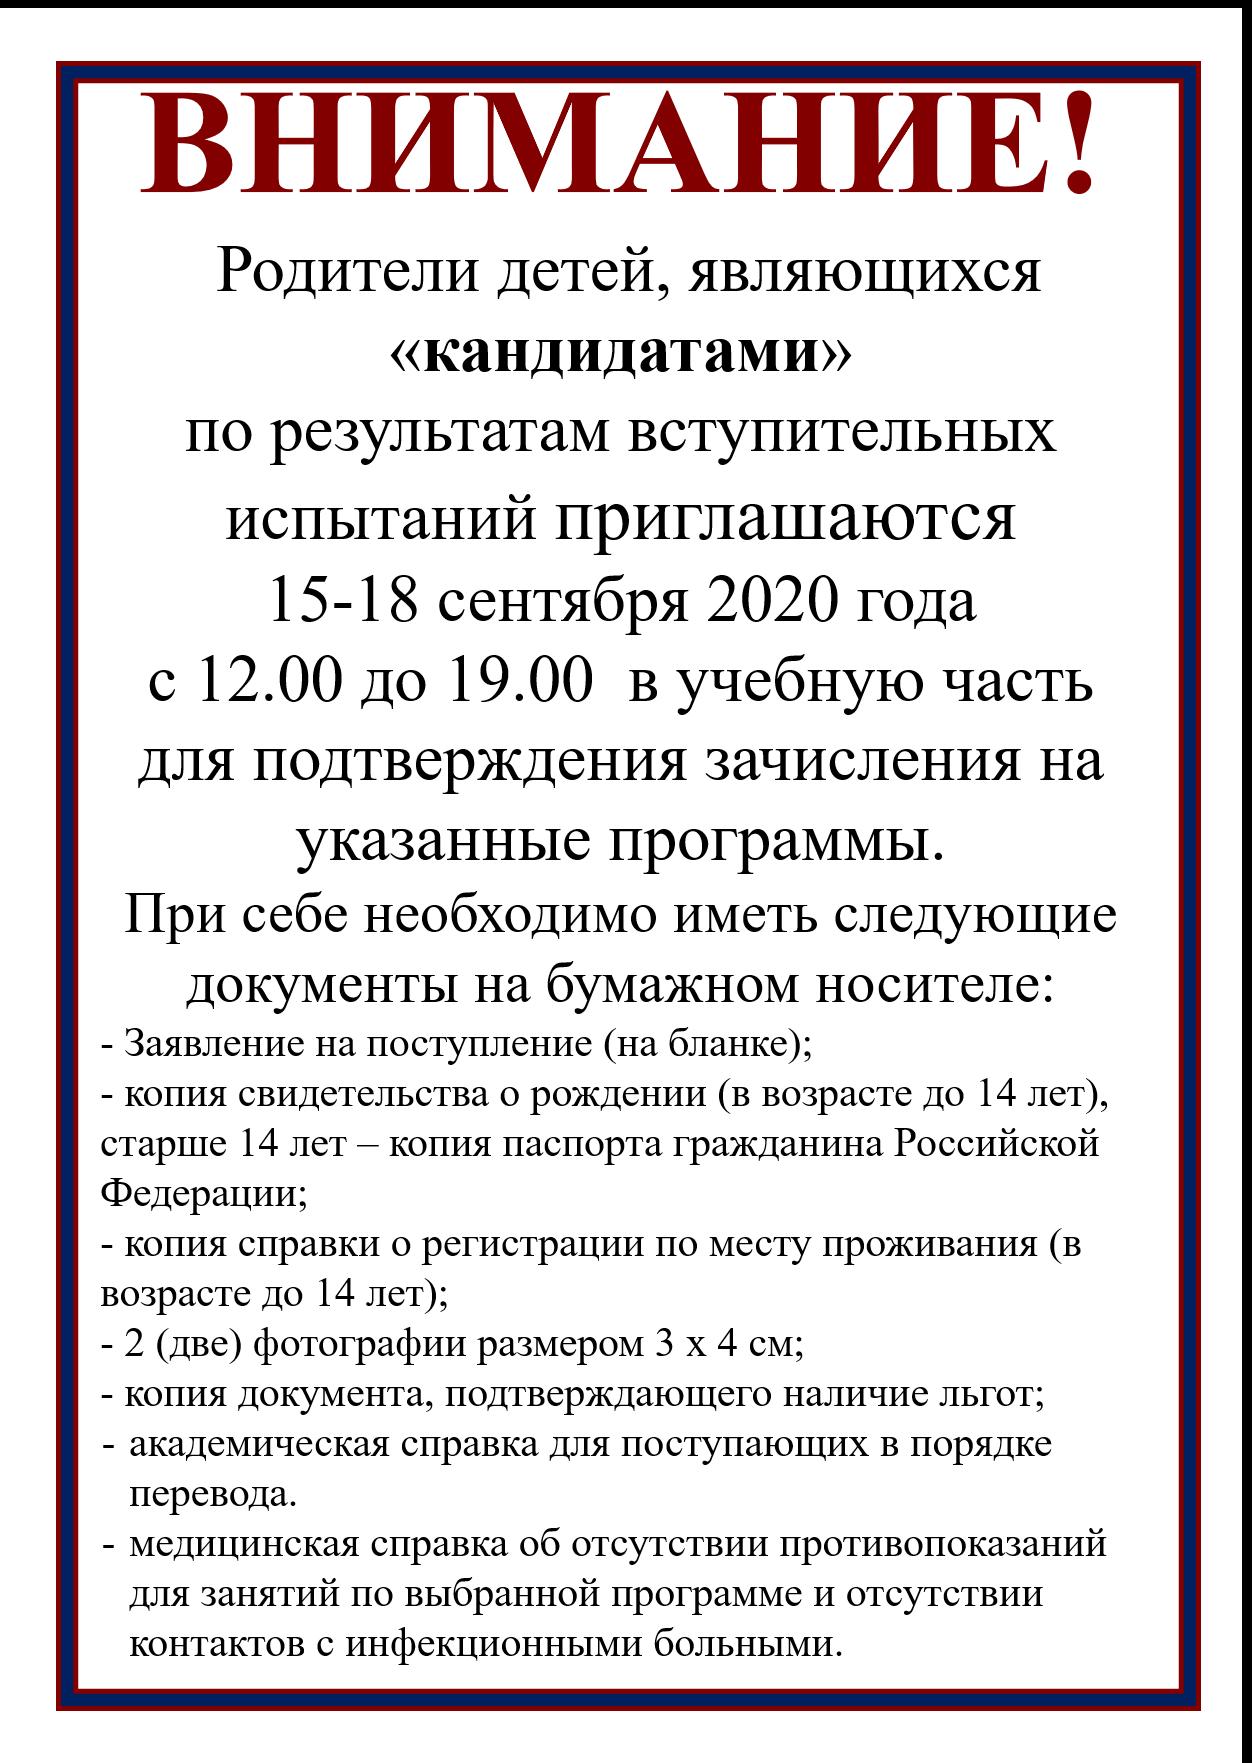 Объявление для кандидатов 15.09.20